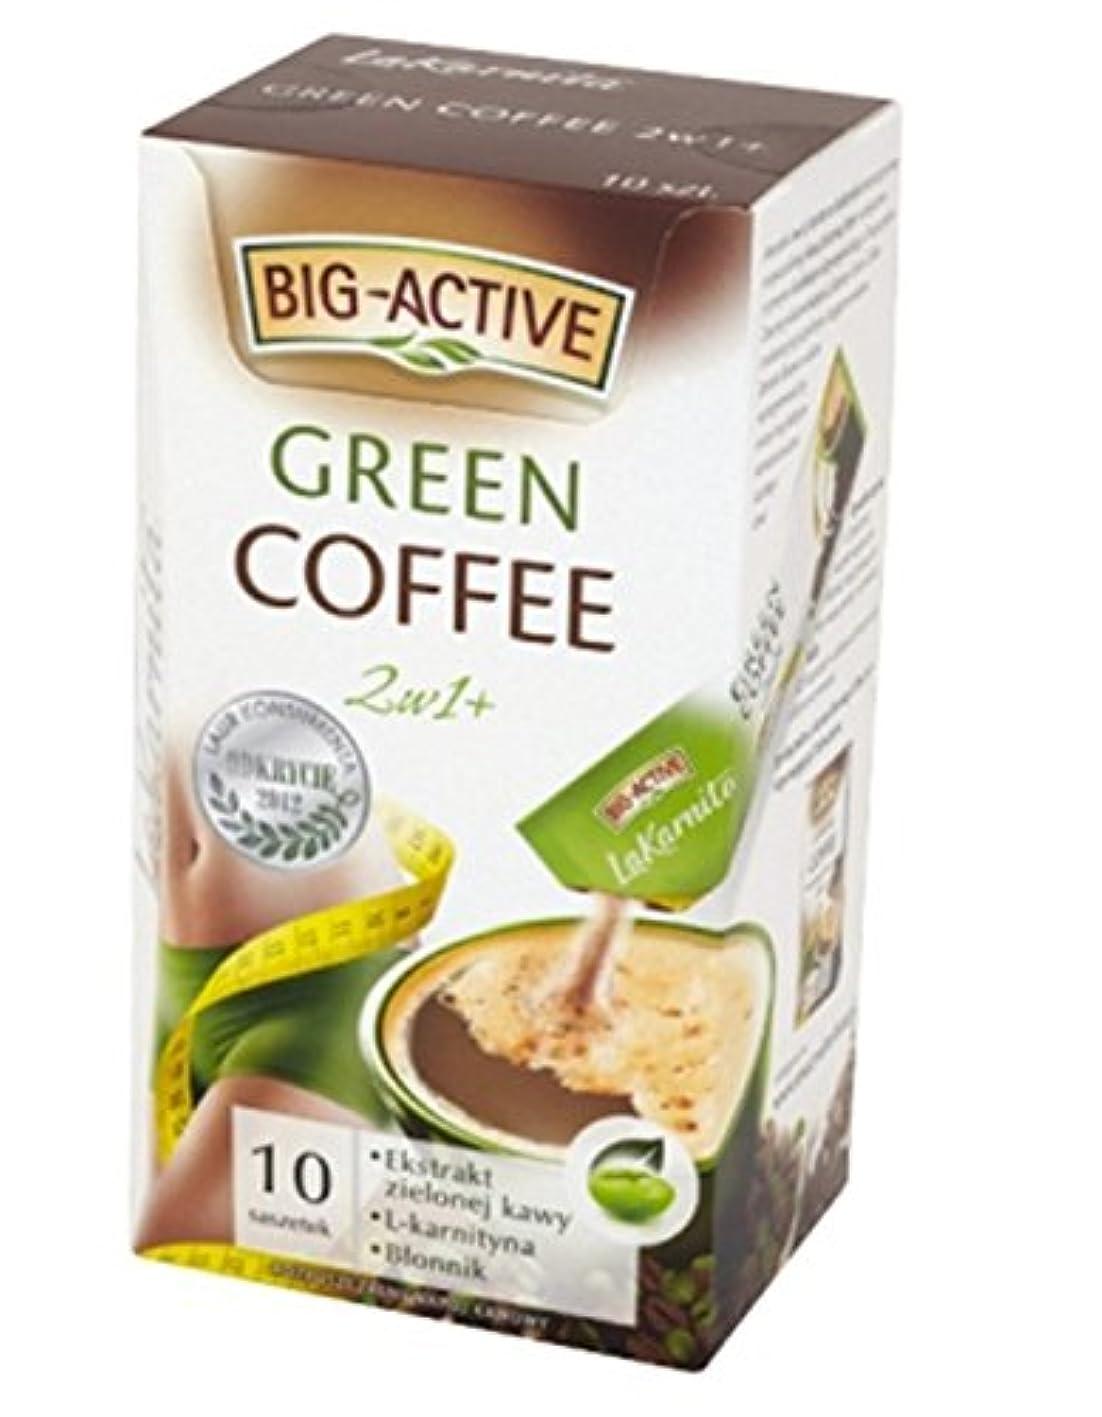 誘う蜜マージスリミン グリー グコーヒー/5 boxes Big Active La Karnita Green Coffee Slimming Sachet 2 IN 1